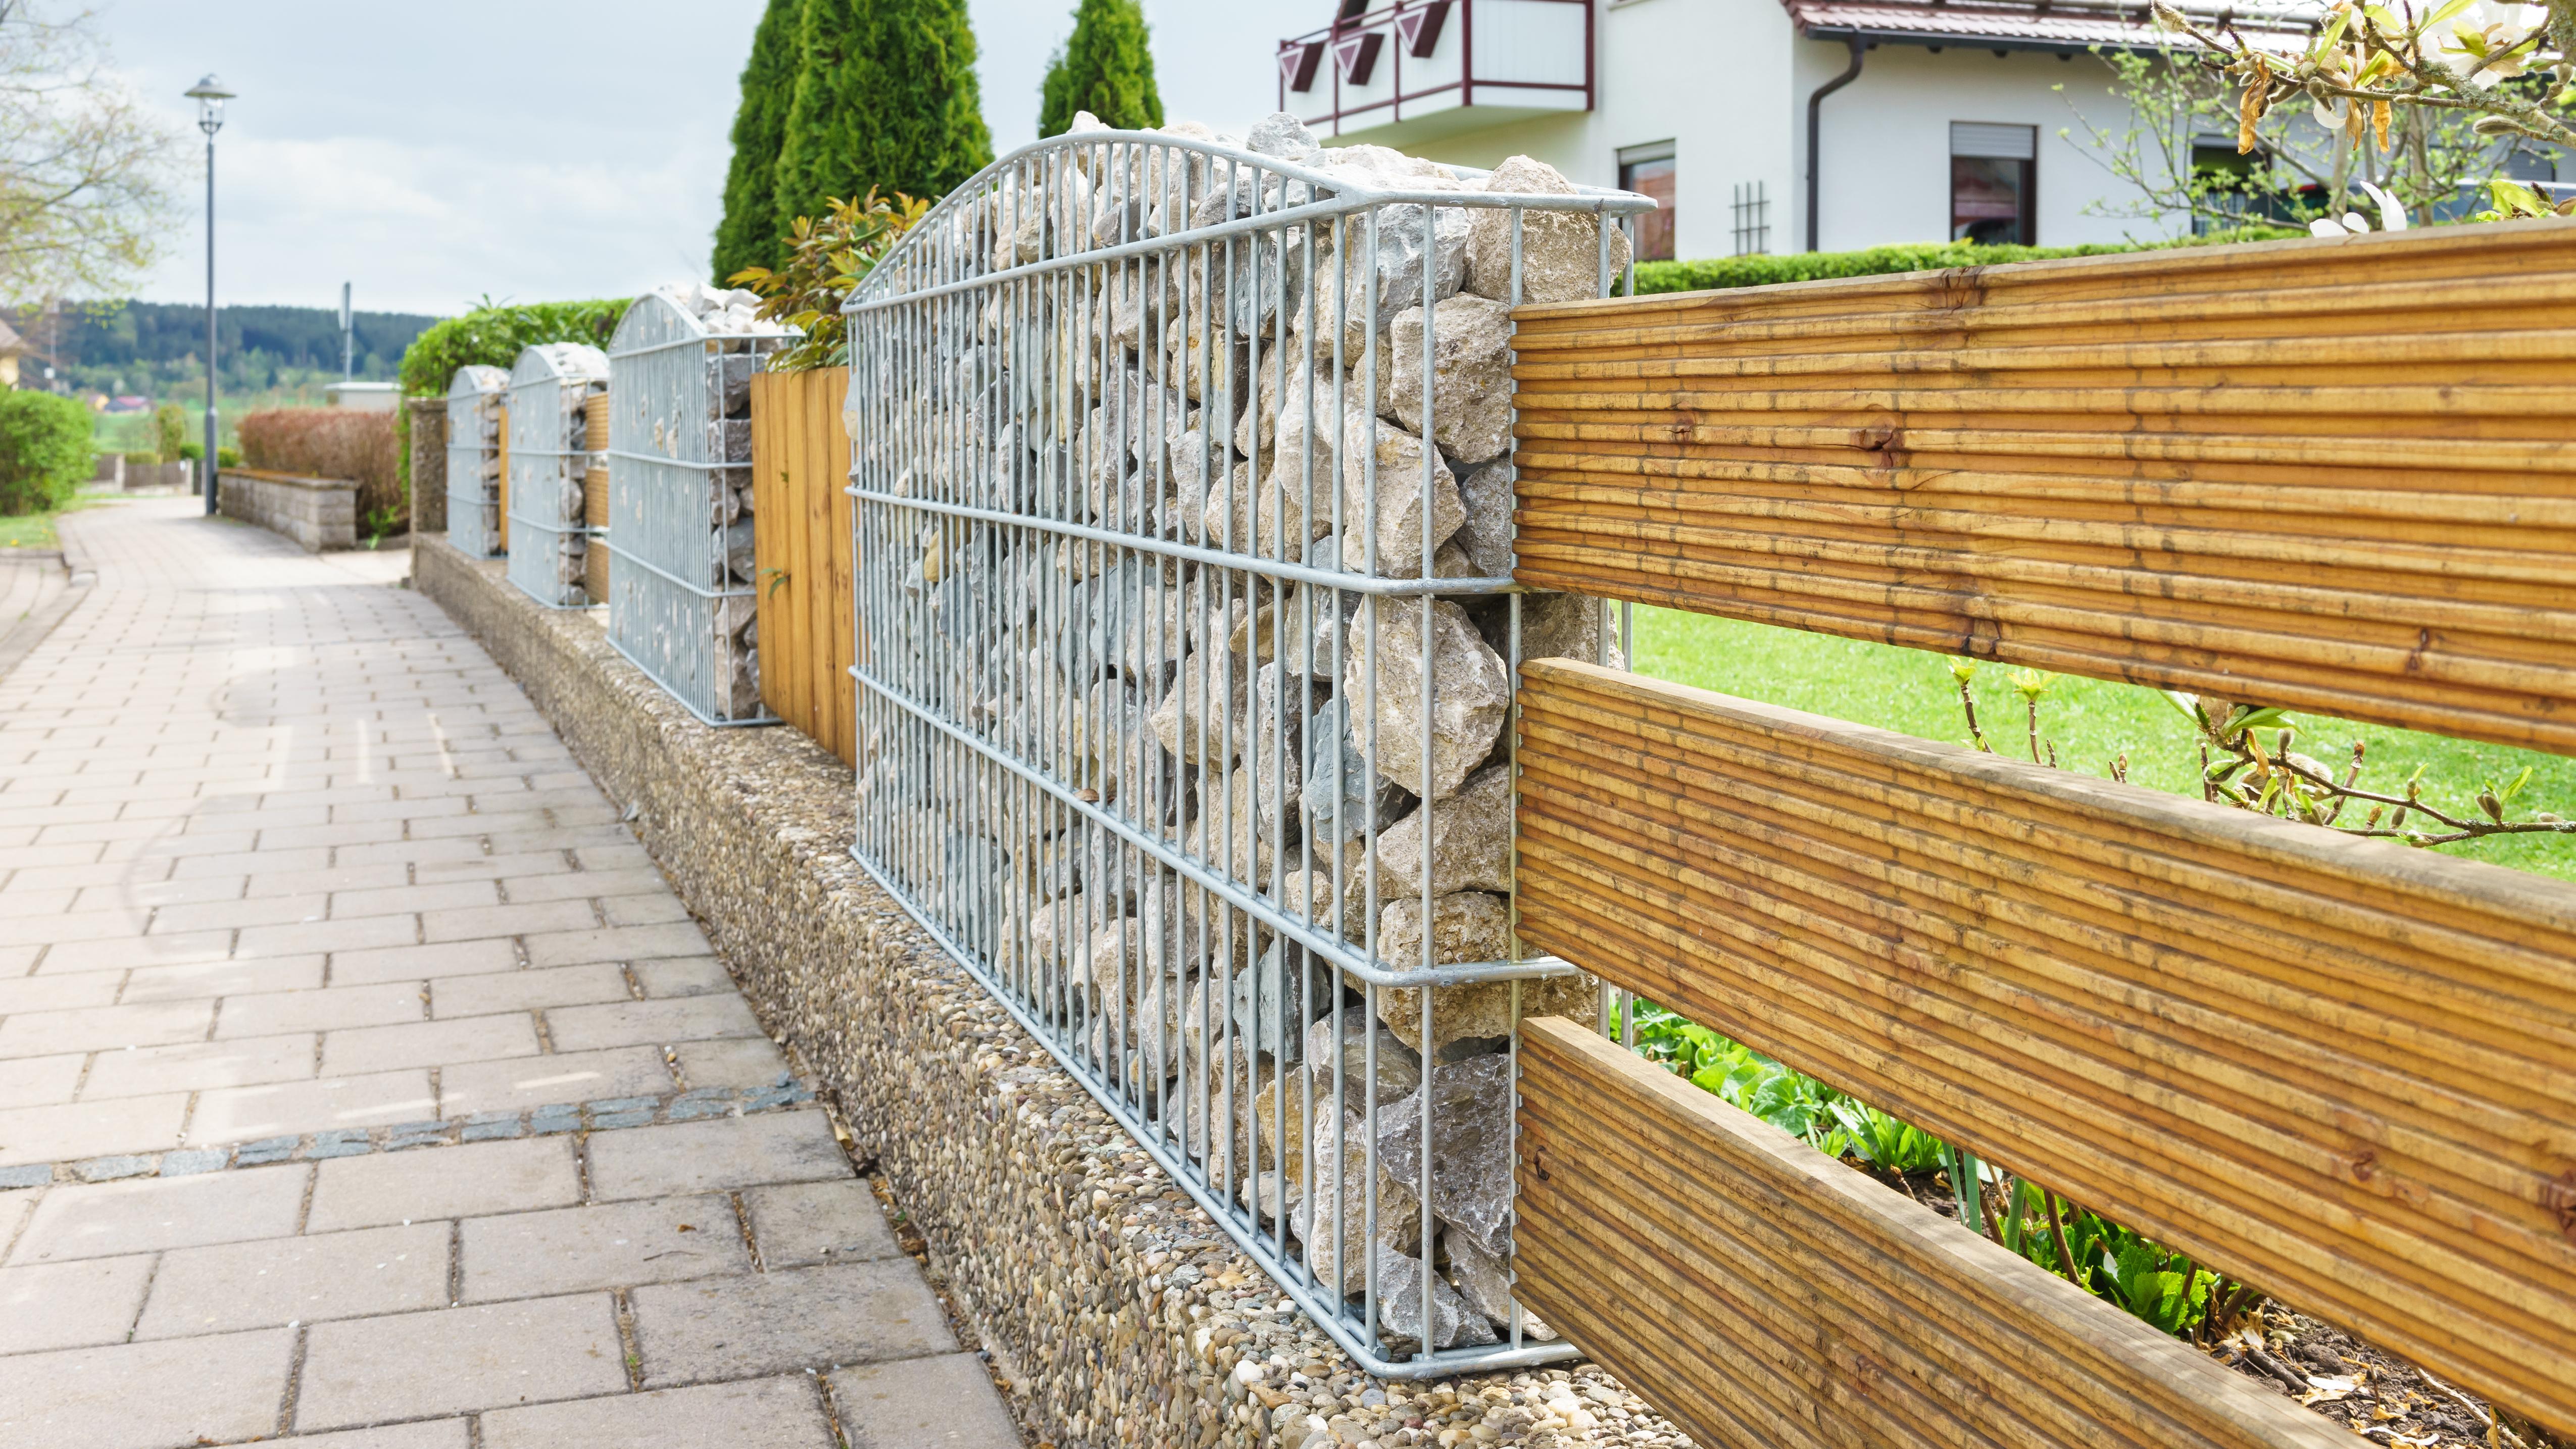 Grundstucksgrenze Das Gilt Es Bei Der Gartengestaltung Zu Beachten